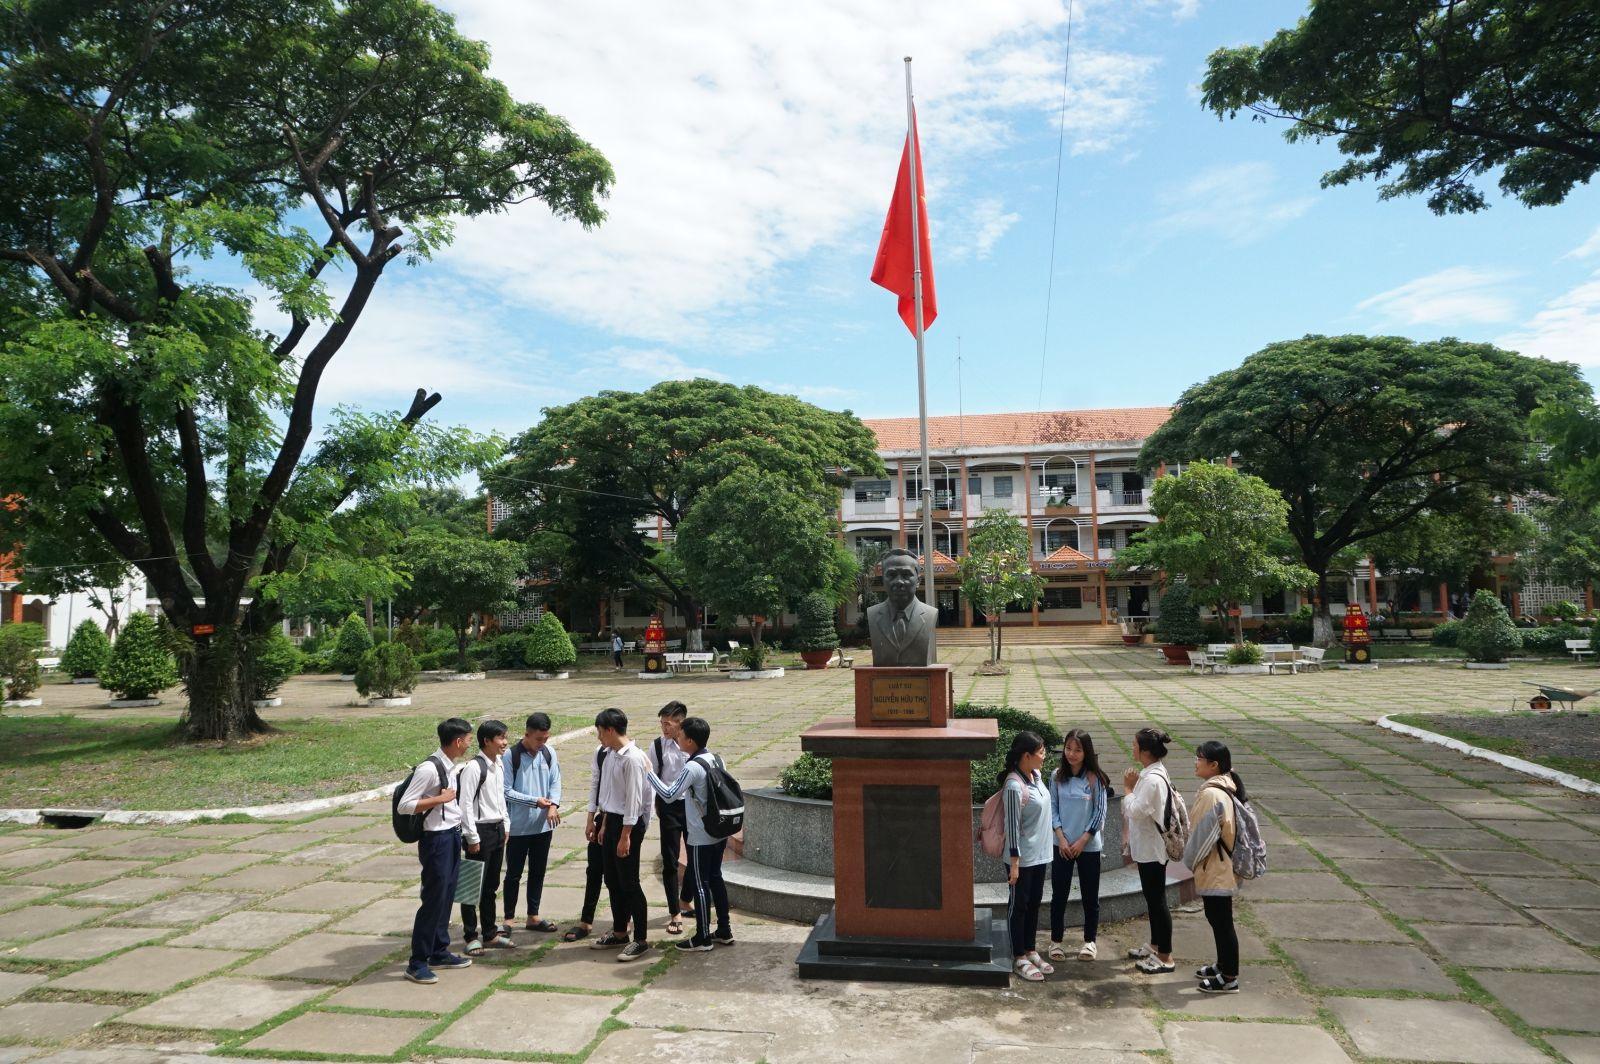 Tượng Nguyễn Hữu Thọ được đặt giữa sân trường để giáo dục